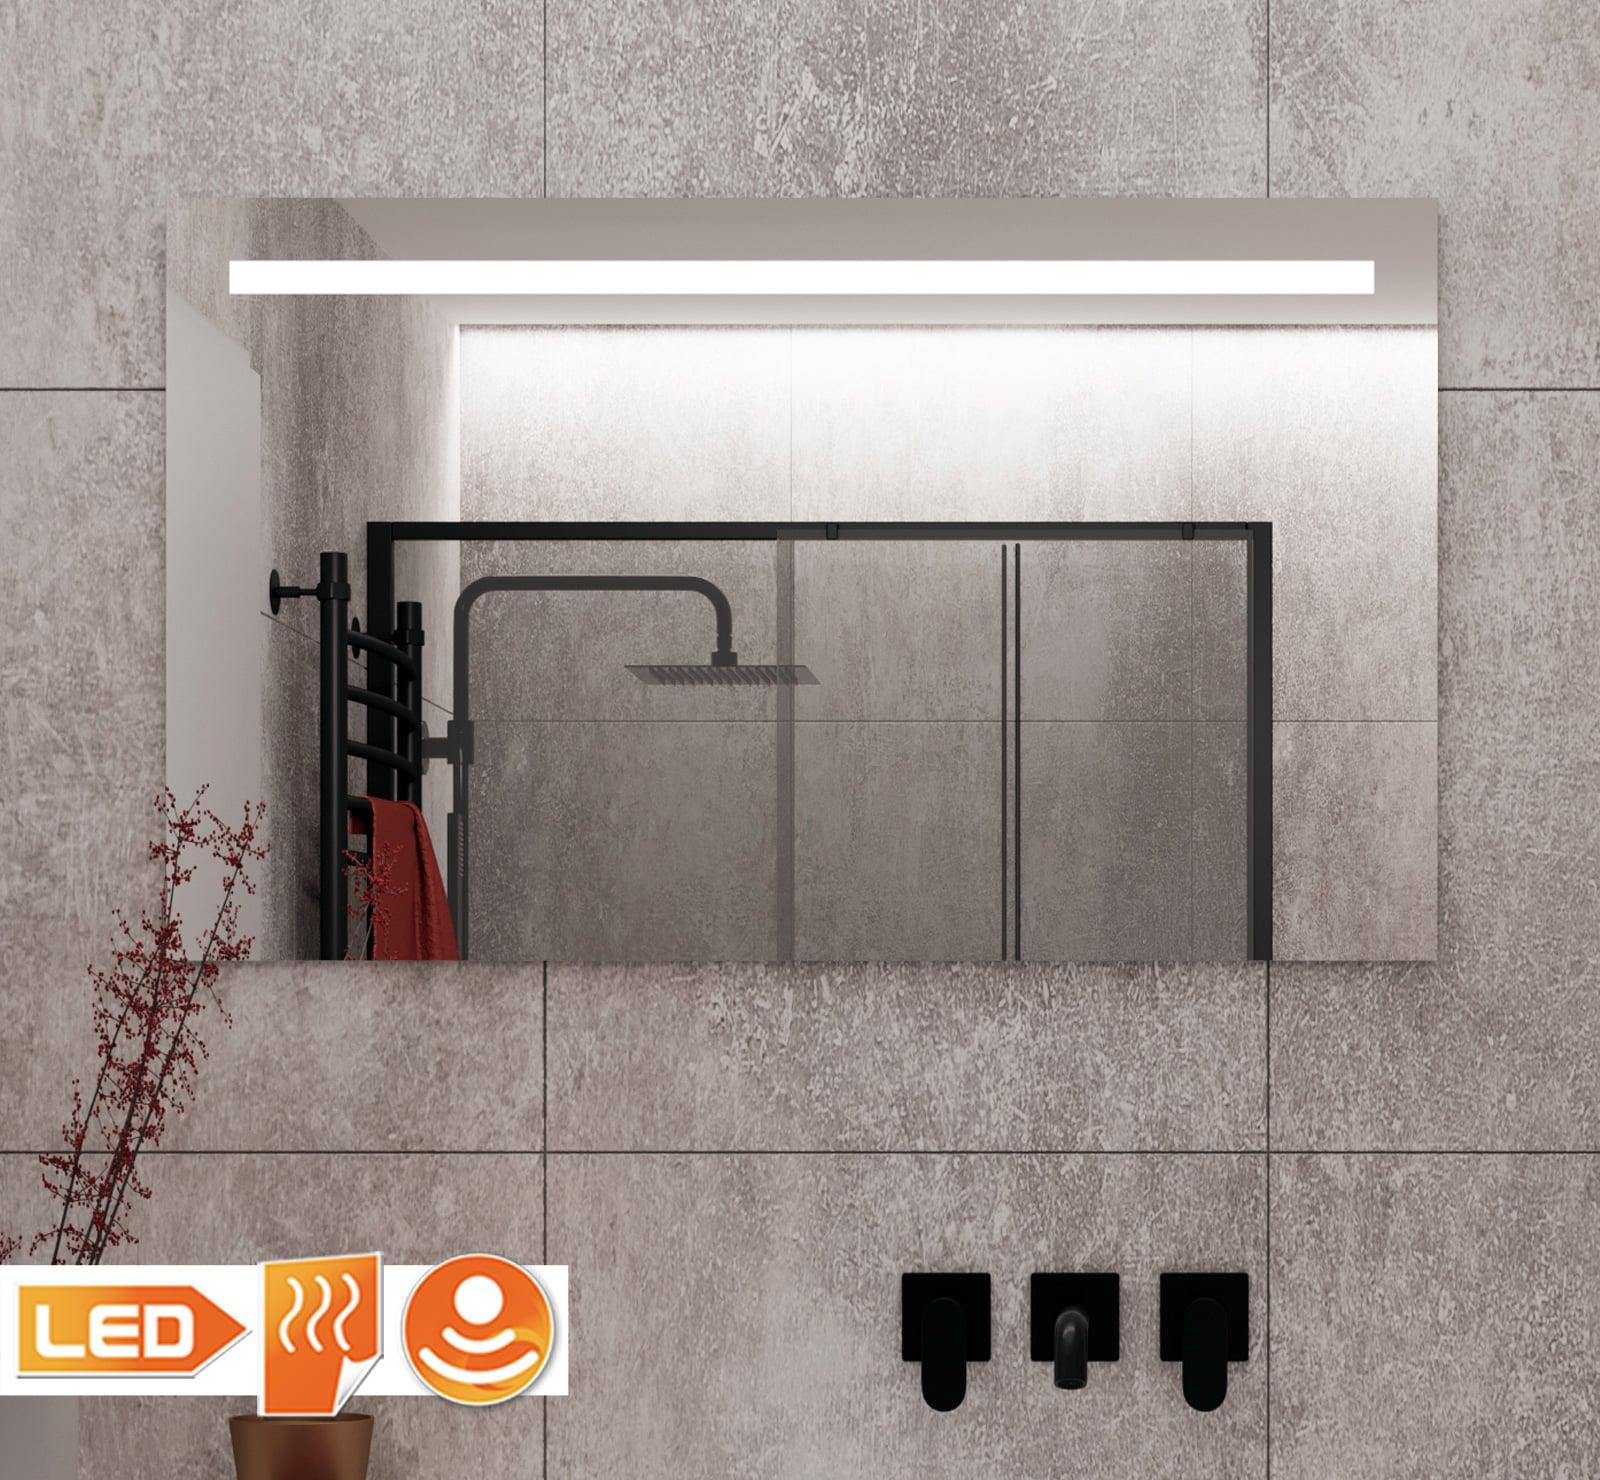 Badkamer spiegel met verlichting verwarming en dim functie op grijze tegel